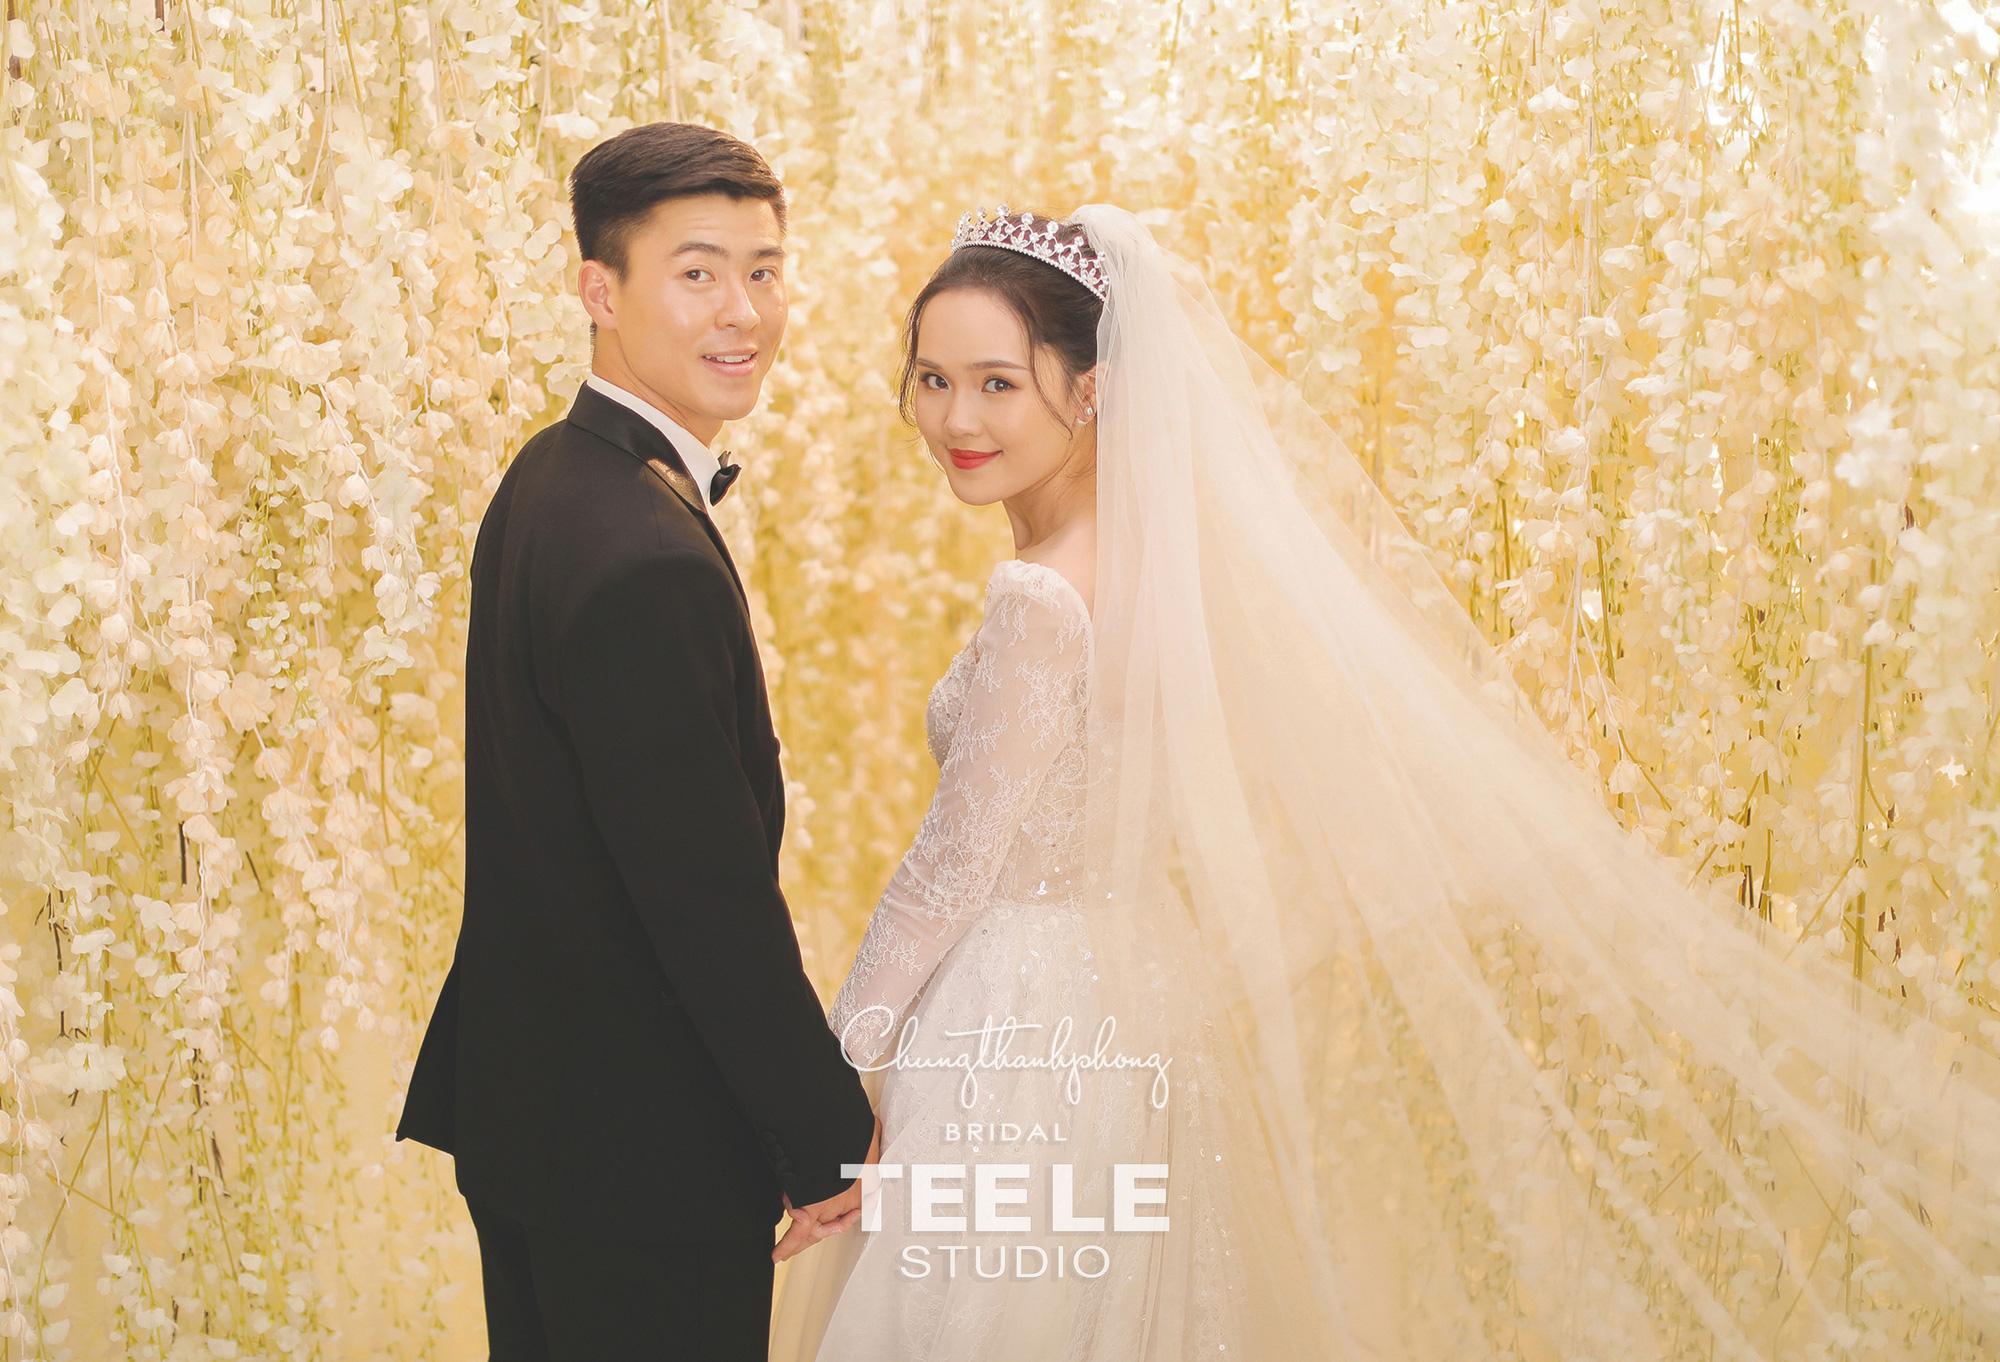 Chung Thanh Phong thực hiện trang phục cưới cho cặp đôi Duy Mạnh – Quỳnh Anh gói gọn trong 1 tuần - Ảnh 5.